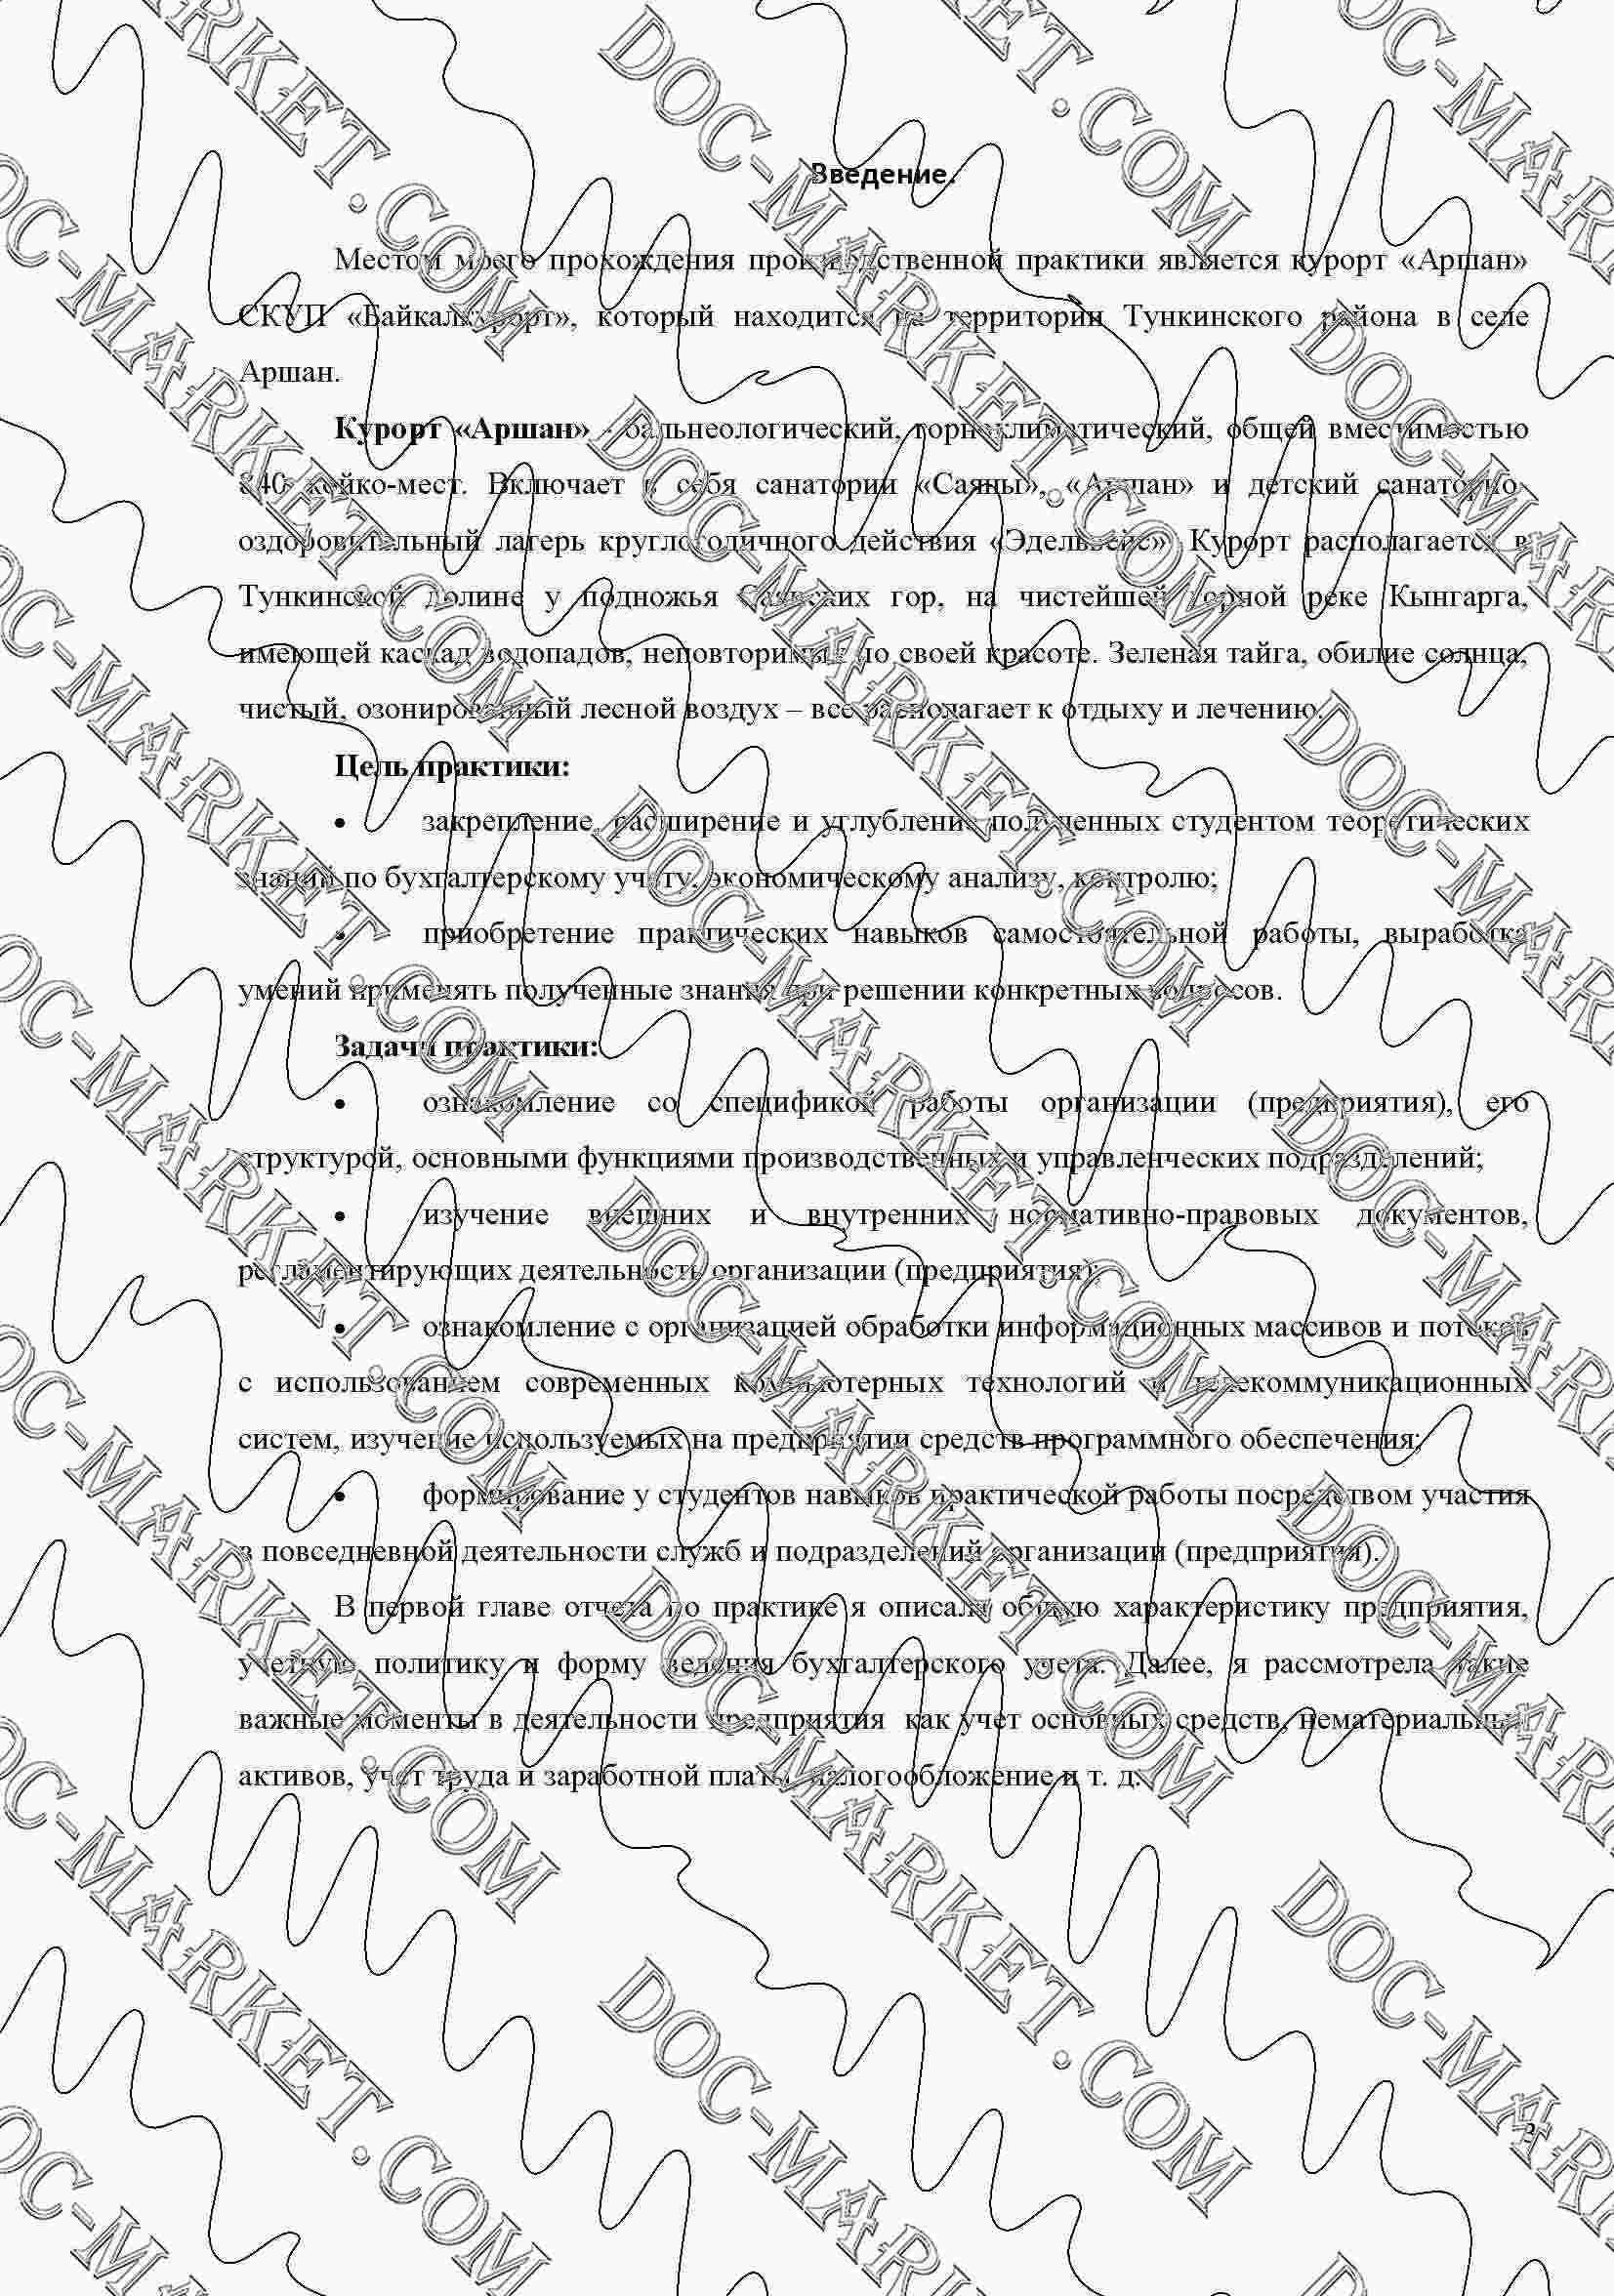 образец заполнения дневника производственной практики бухгалтера